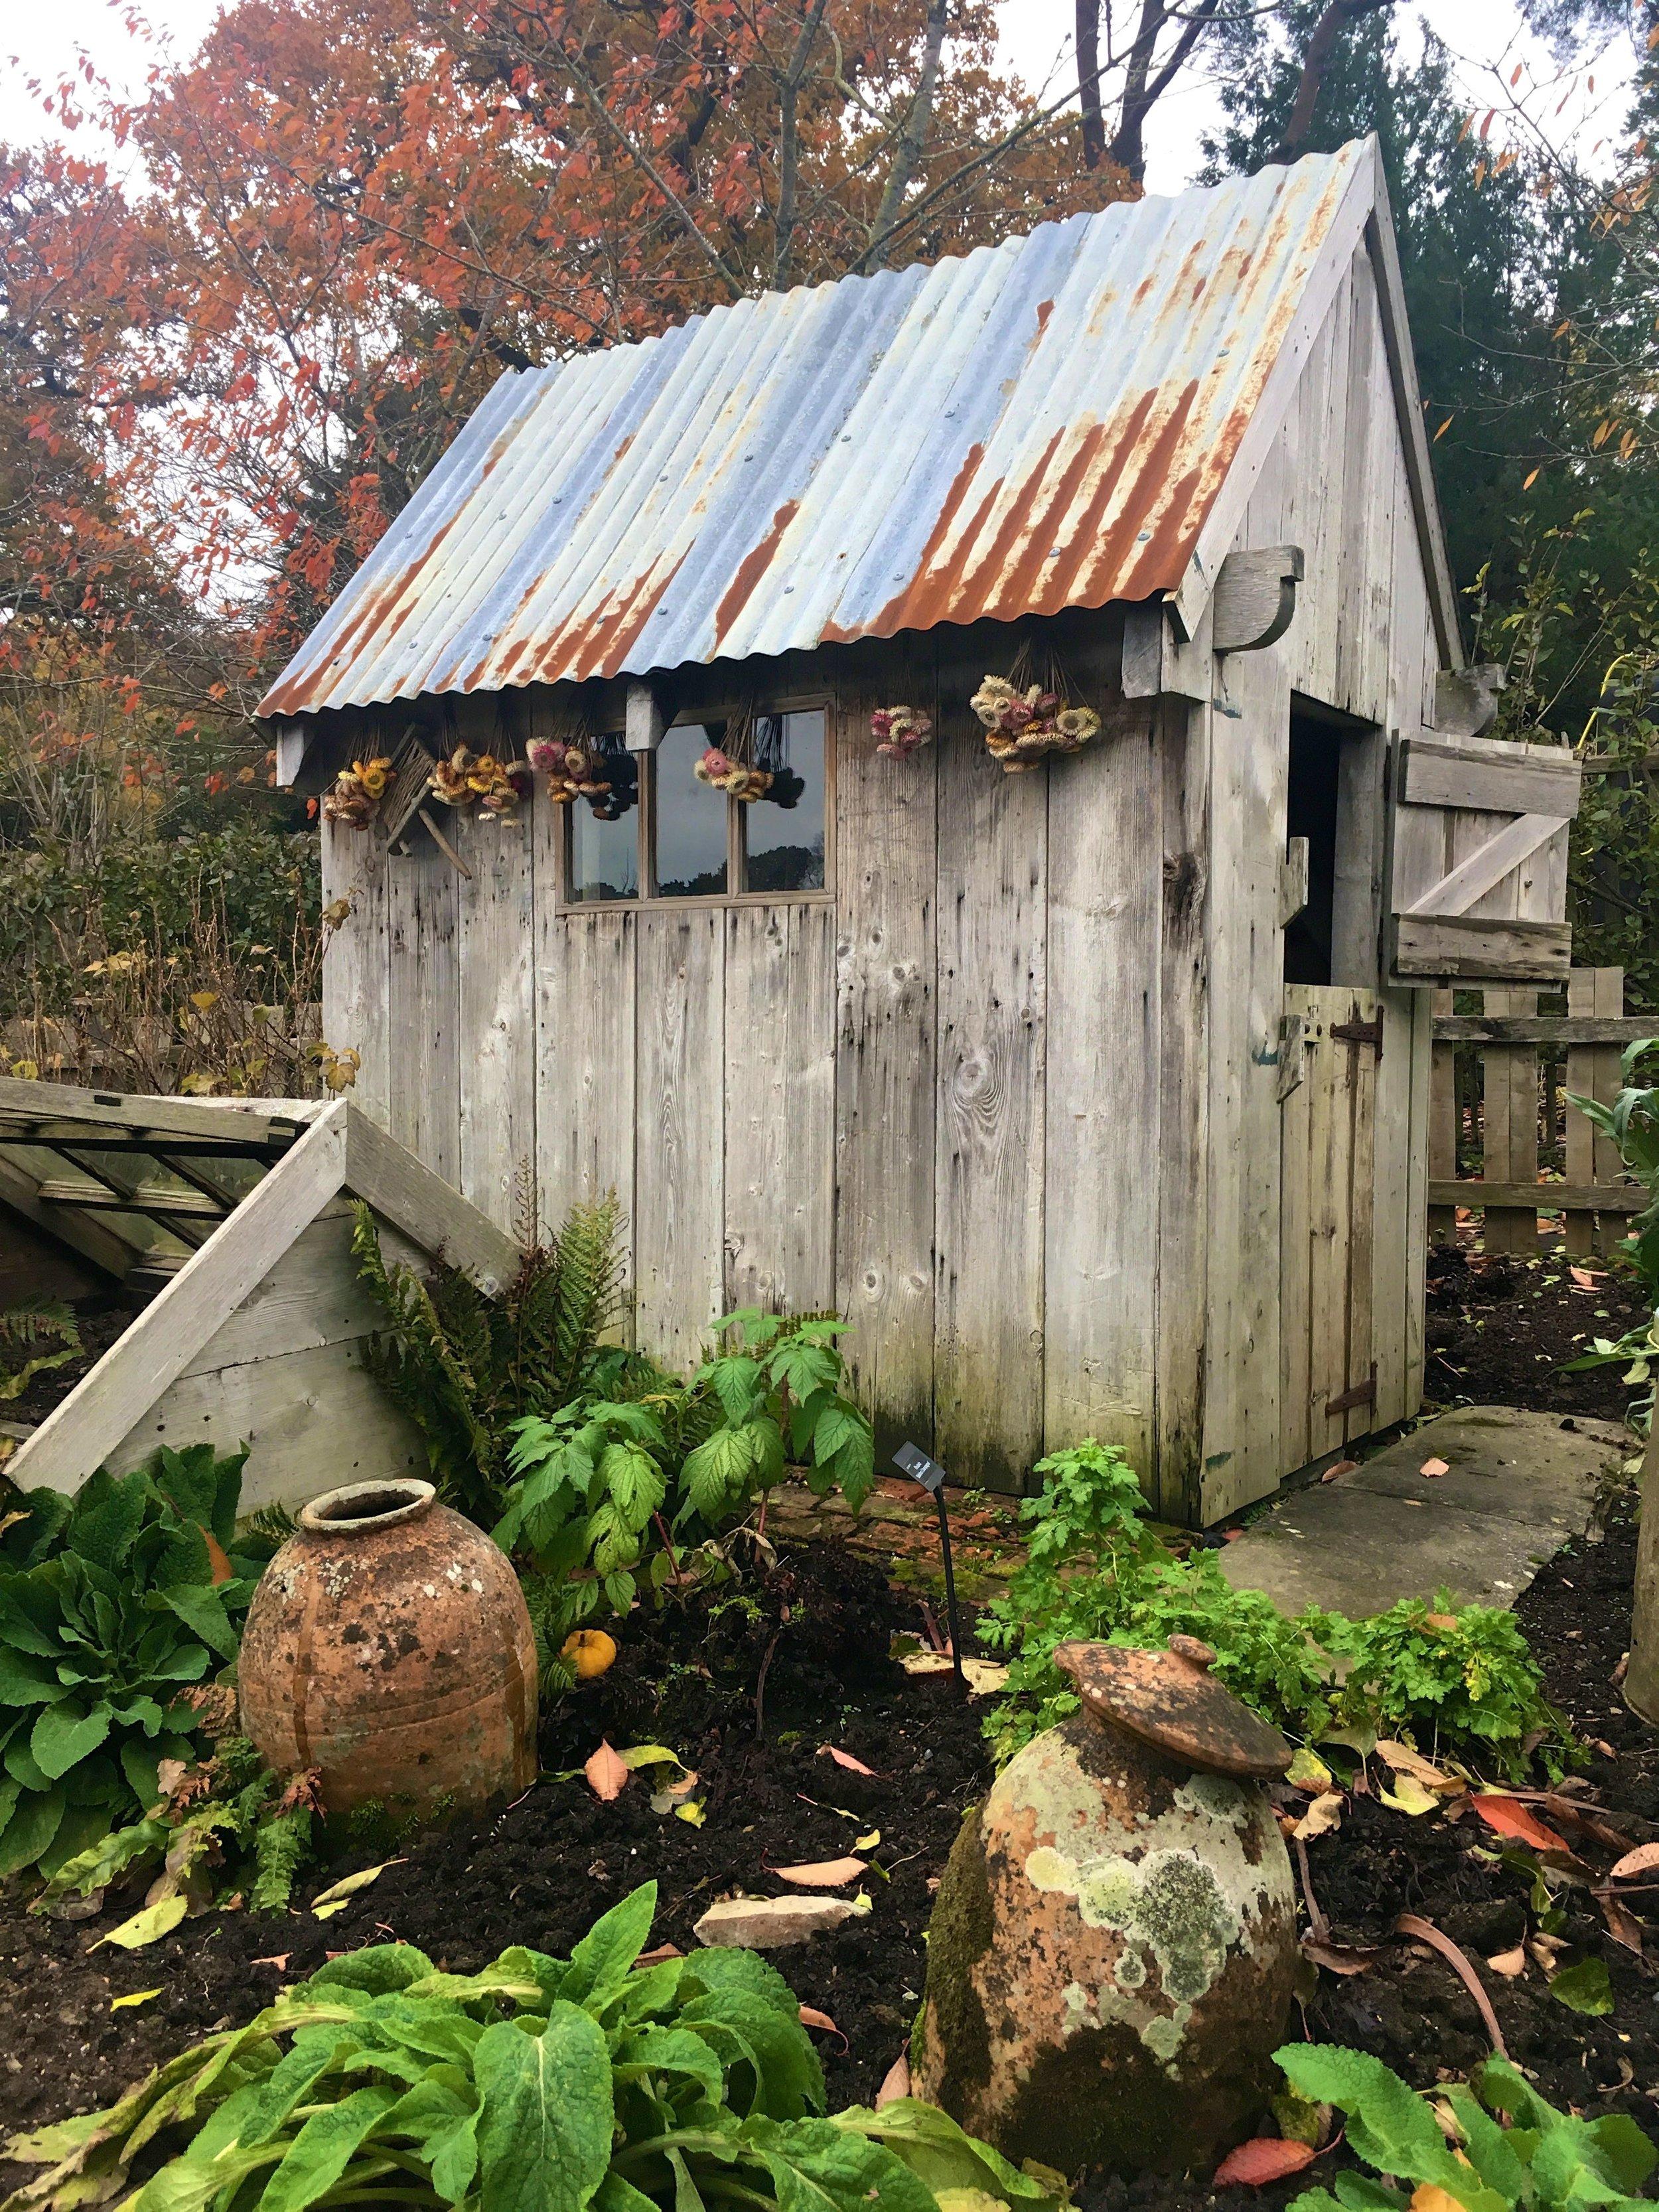 A closer look at Mr McGregor's ramshackle shed